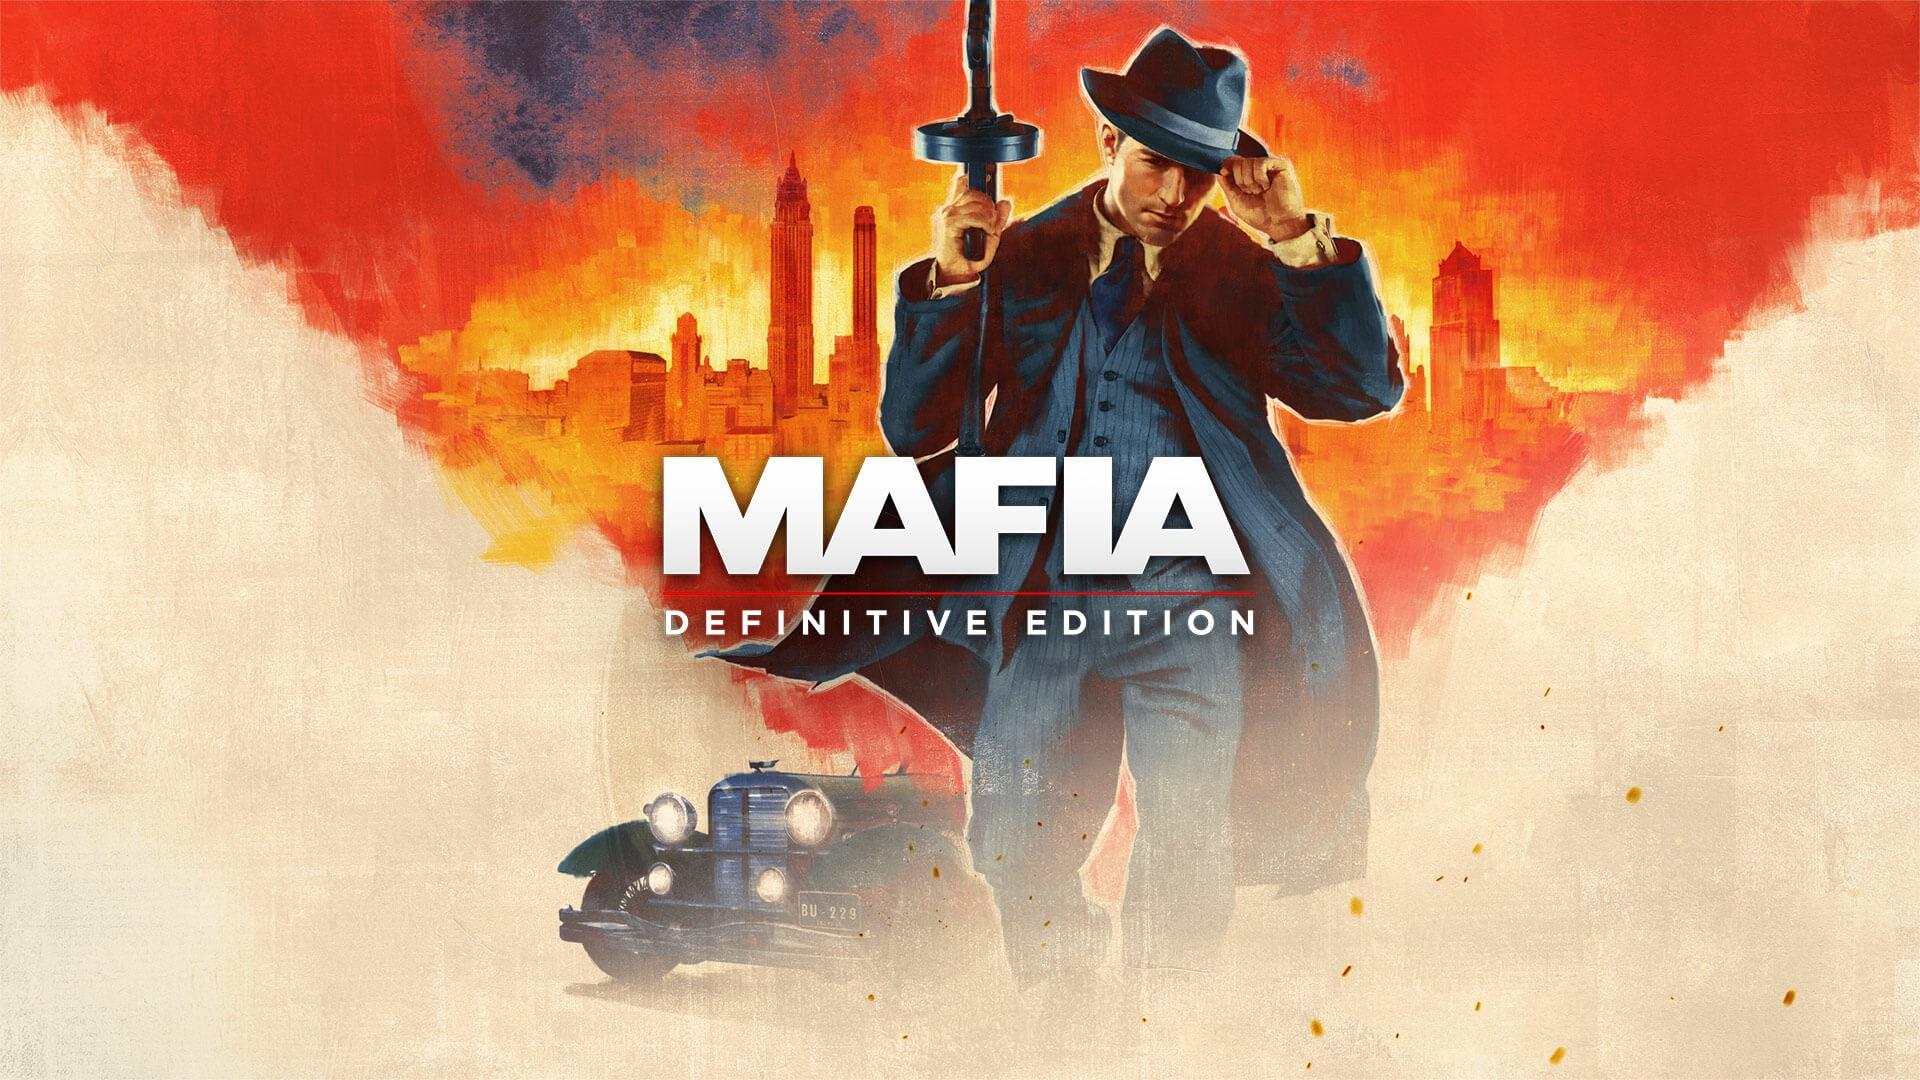 Добавленный контент: в ремейке оригинальной Mafia будут мотоциклы и увеличенная карта мира